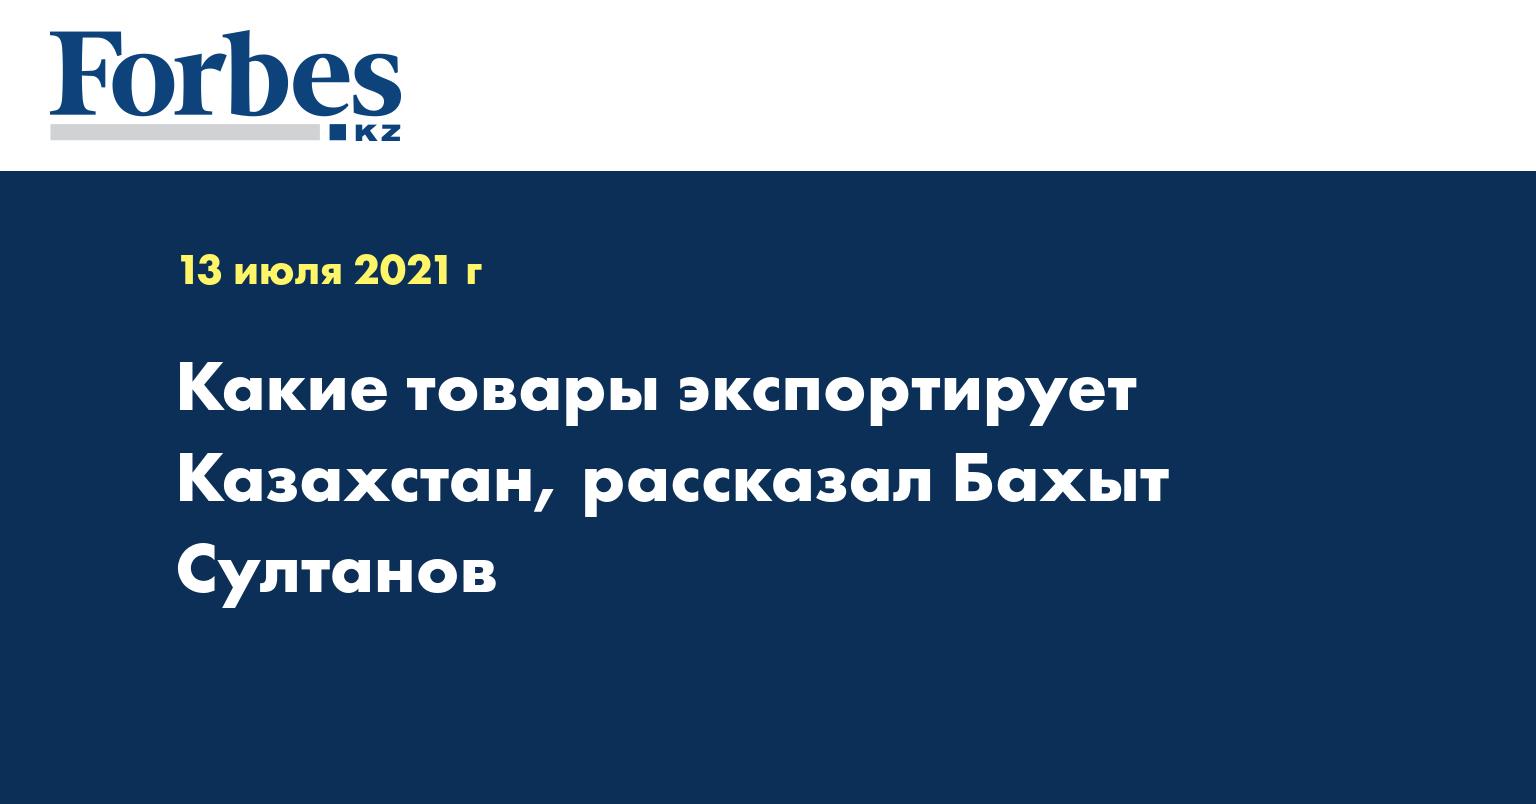 Какие товары экспортирует Казахстан, рассказал Бахыт Султанов